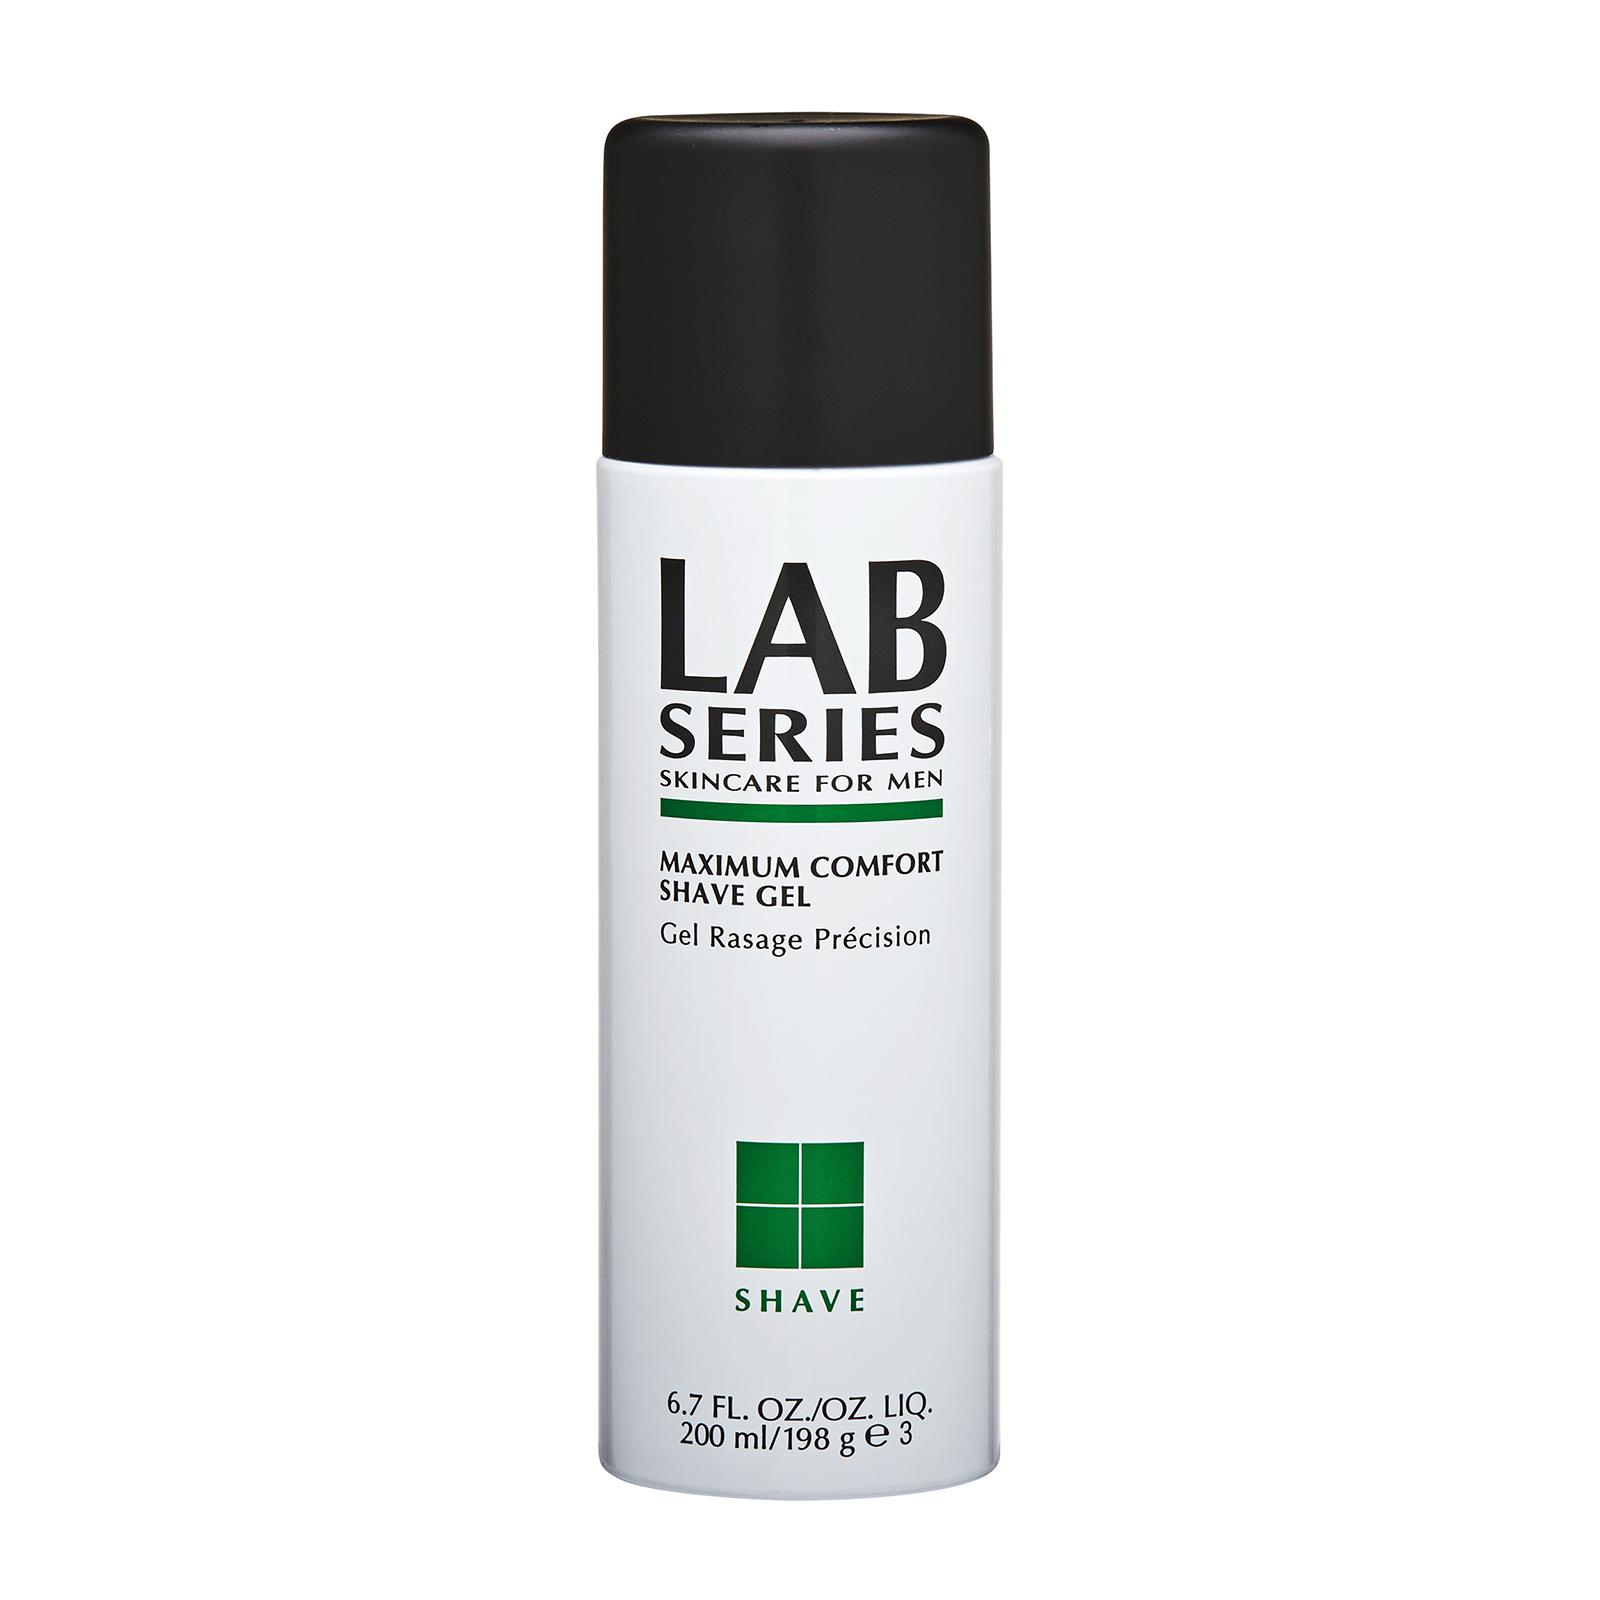 Lab Series For Men  Maximum Comfort Shave Gel 6.7oz, 200ml LAB0100032-000-00